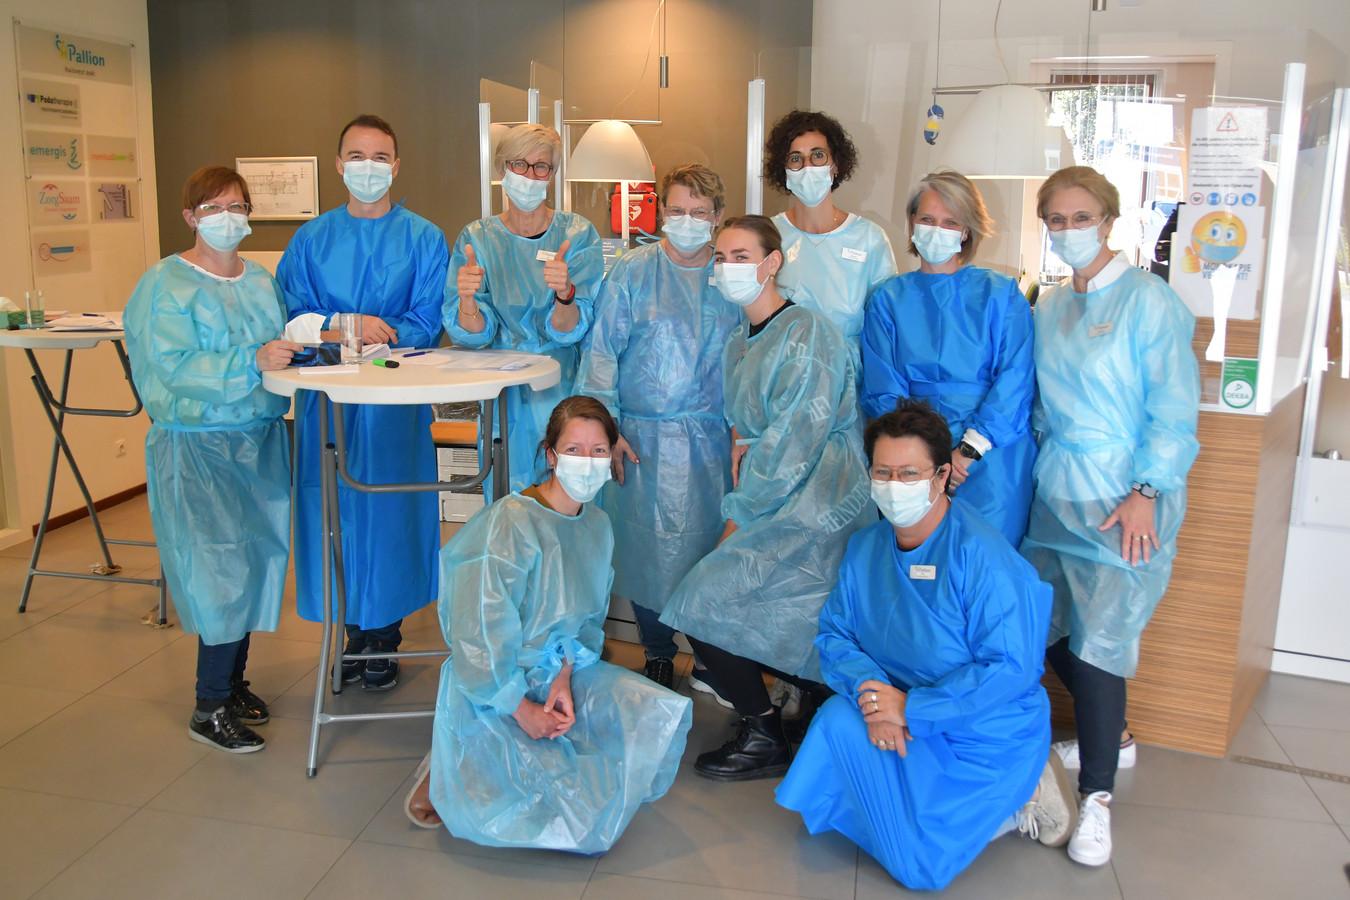 Het team van huisartsenpost Pallion Hulst, speciaal voor de vaccinatie op zaterdag aan het werk. Uiterst links praktijkmanager Claudia Baetsleer